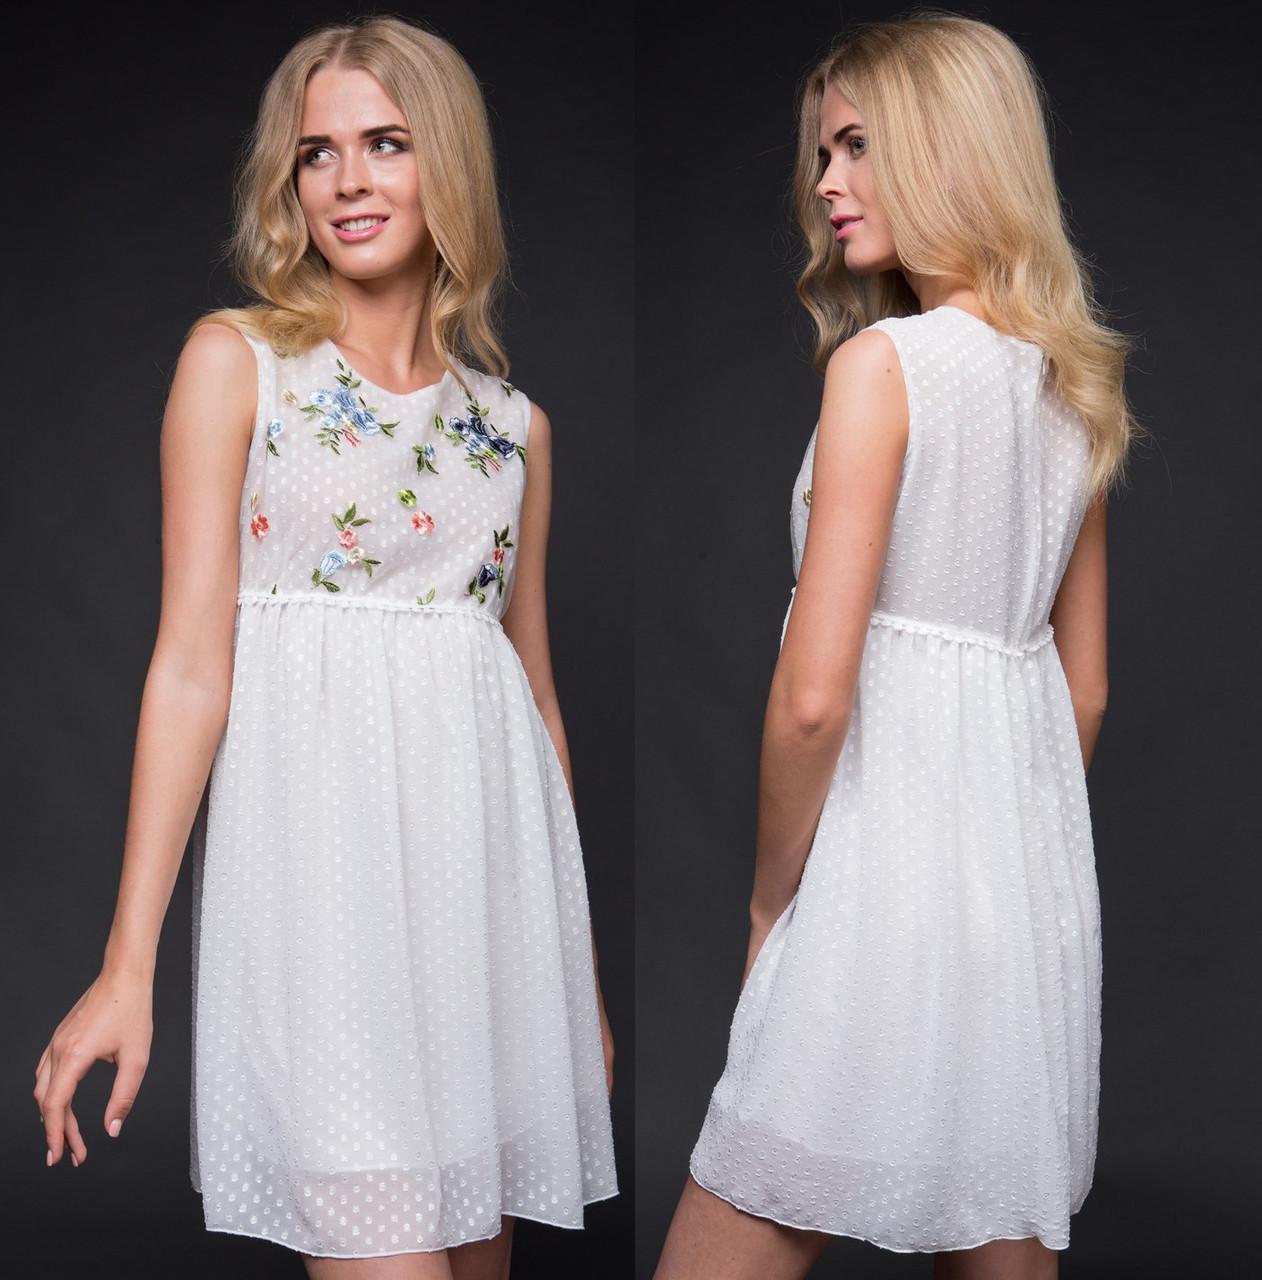 f76fc51a272 Шифоновое летнее платье с цветами. Белое